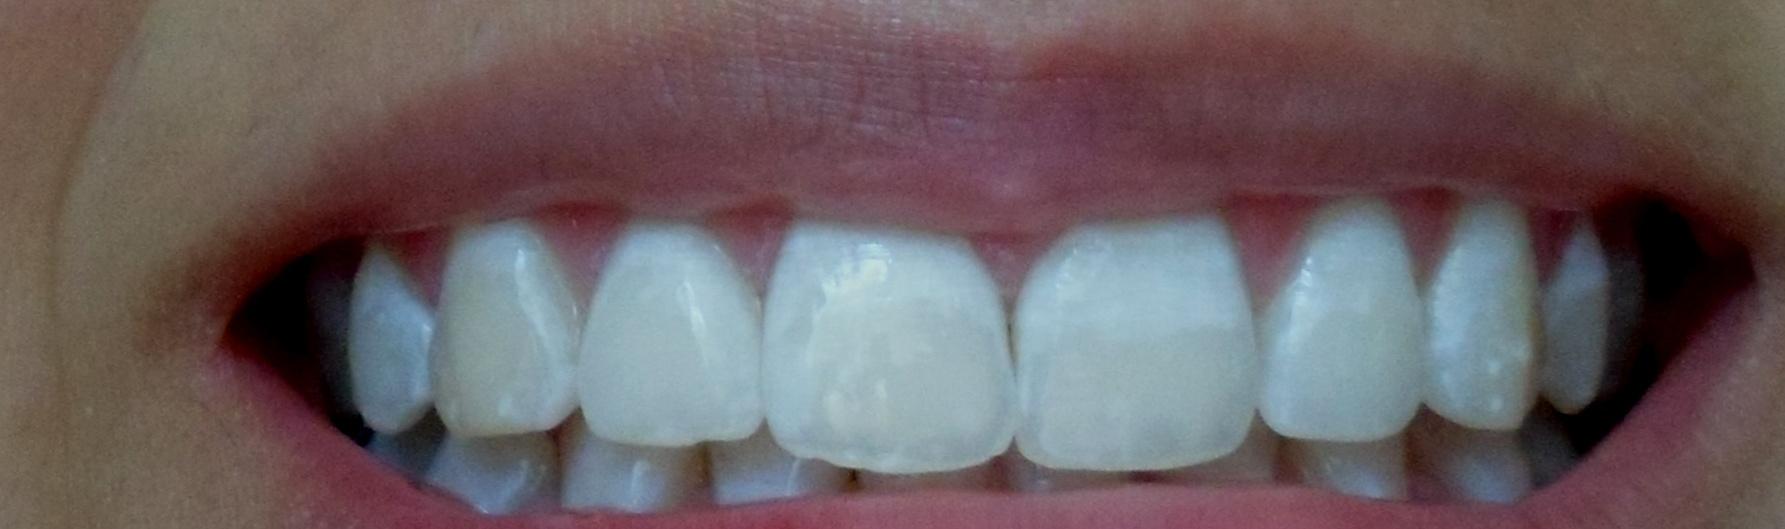 E' normale che dopo 24 ore i miei denti siano così?